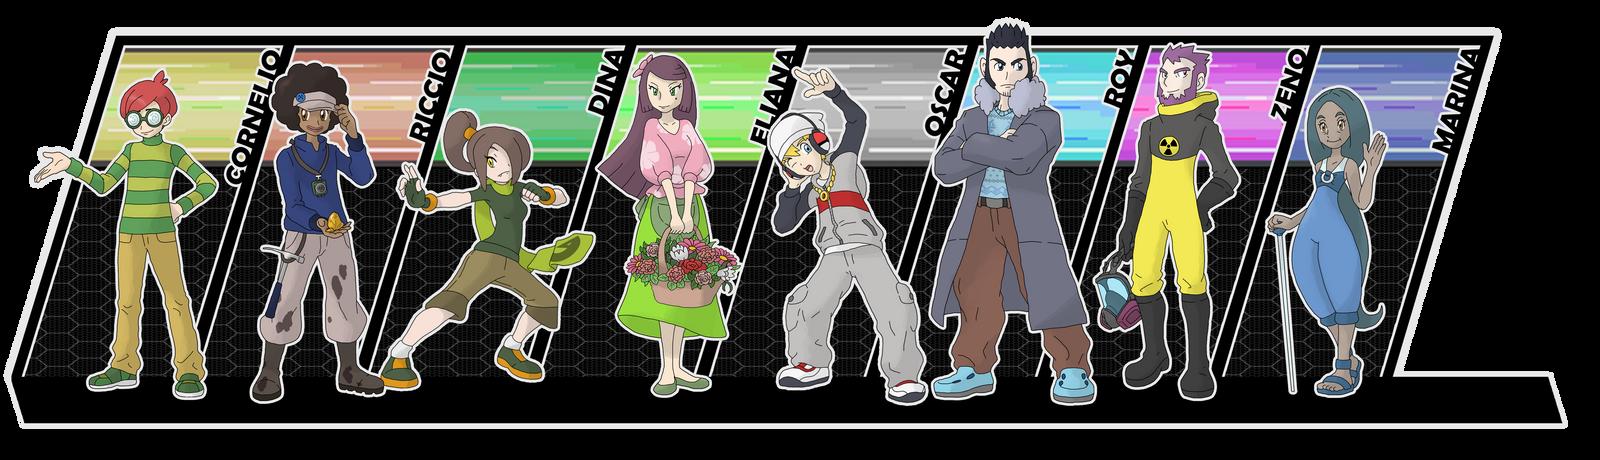 Gym Leaders - Third Generation by Cid-Fox